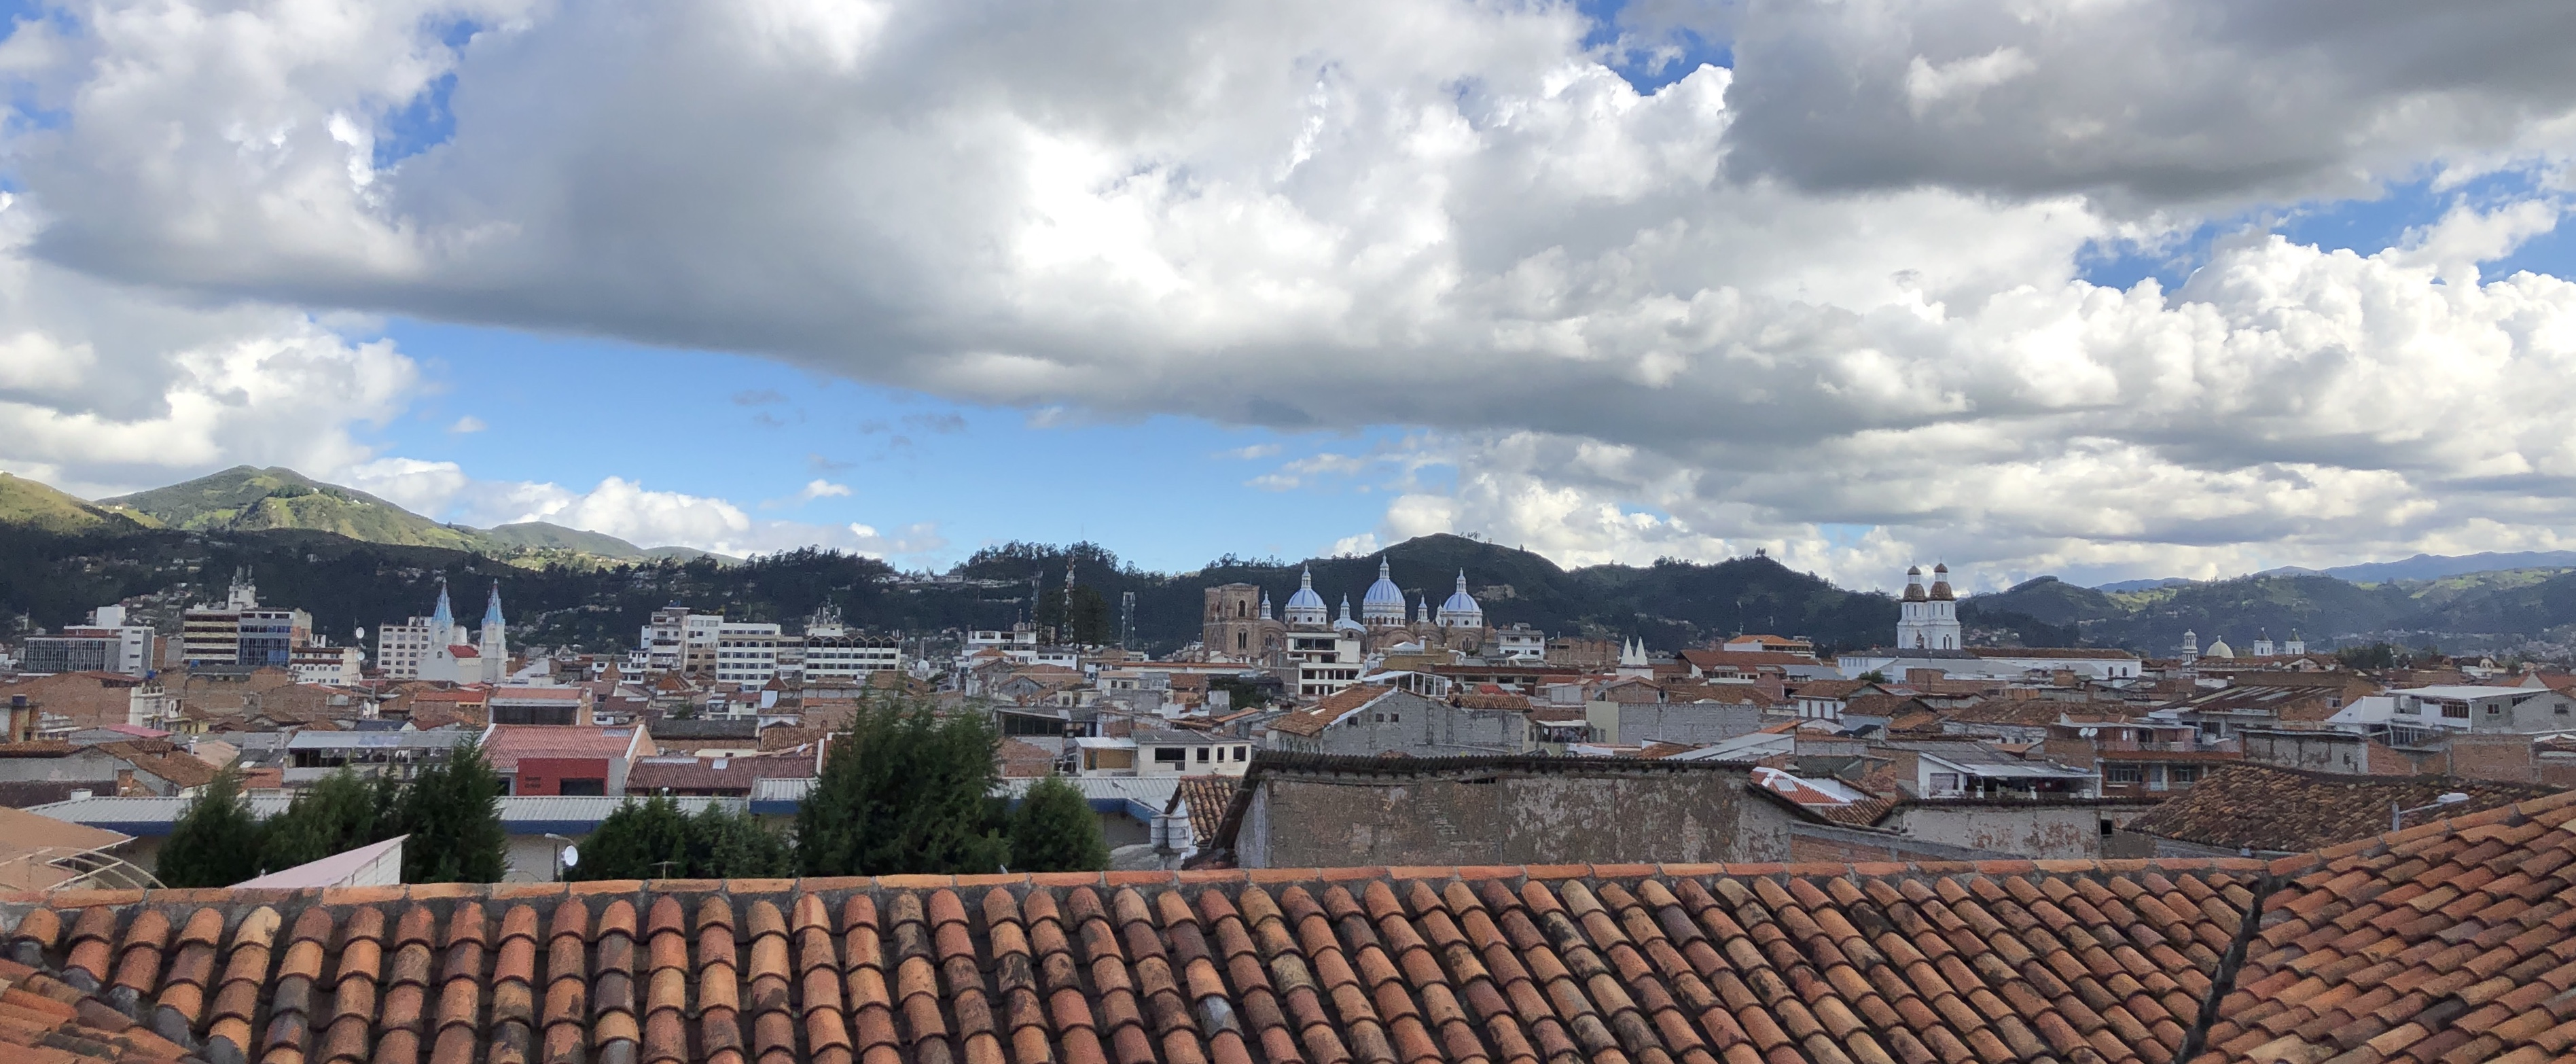 cuenca city views.JPG